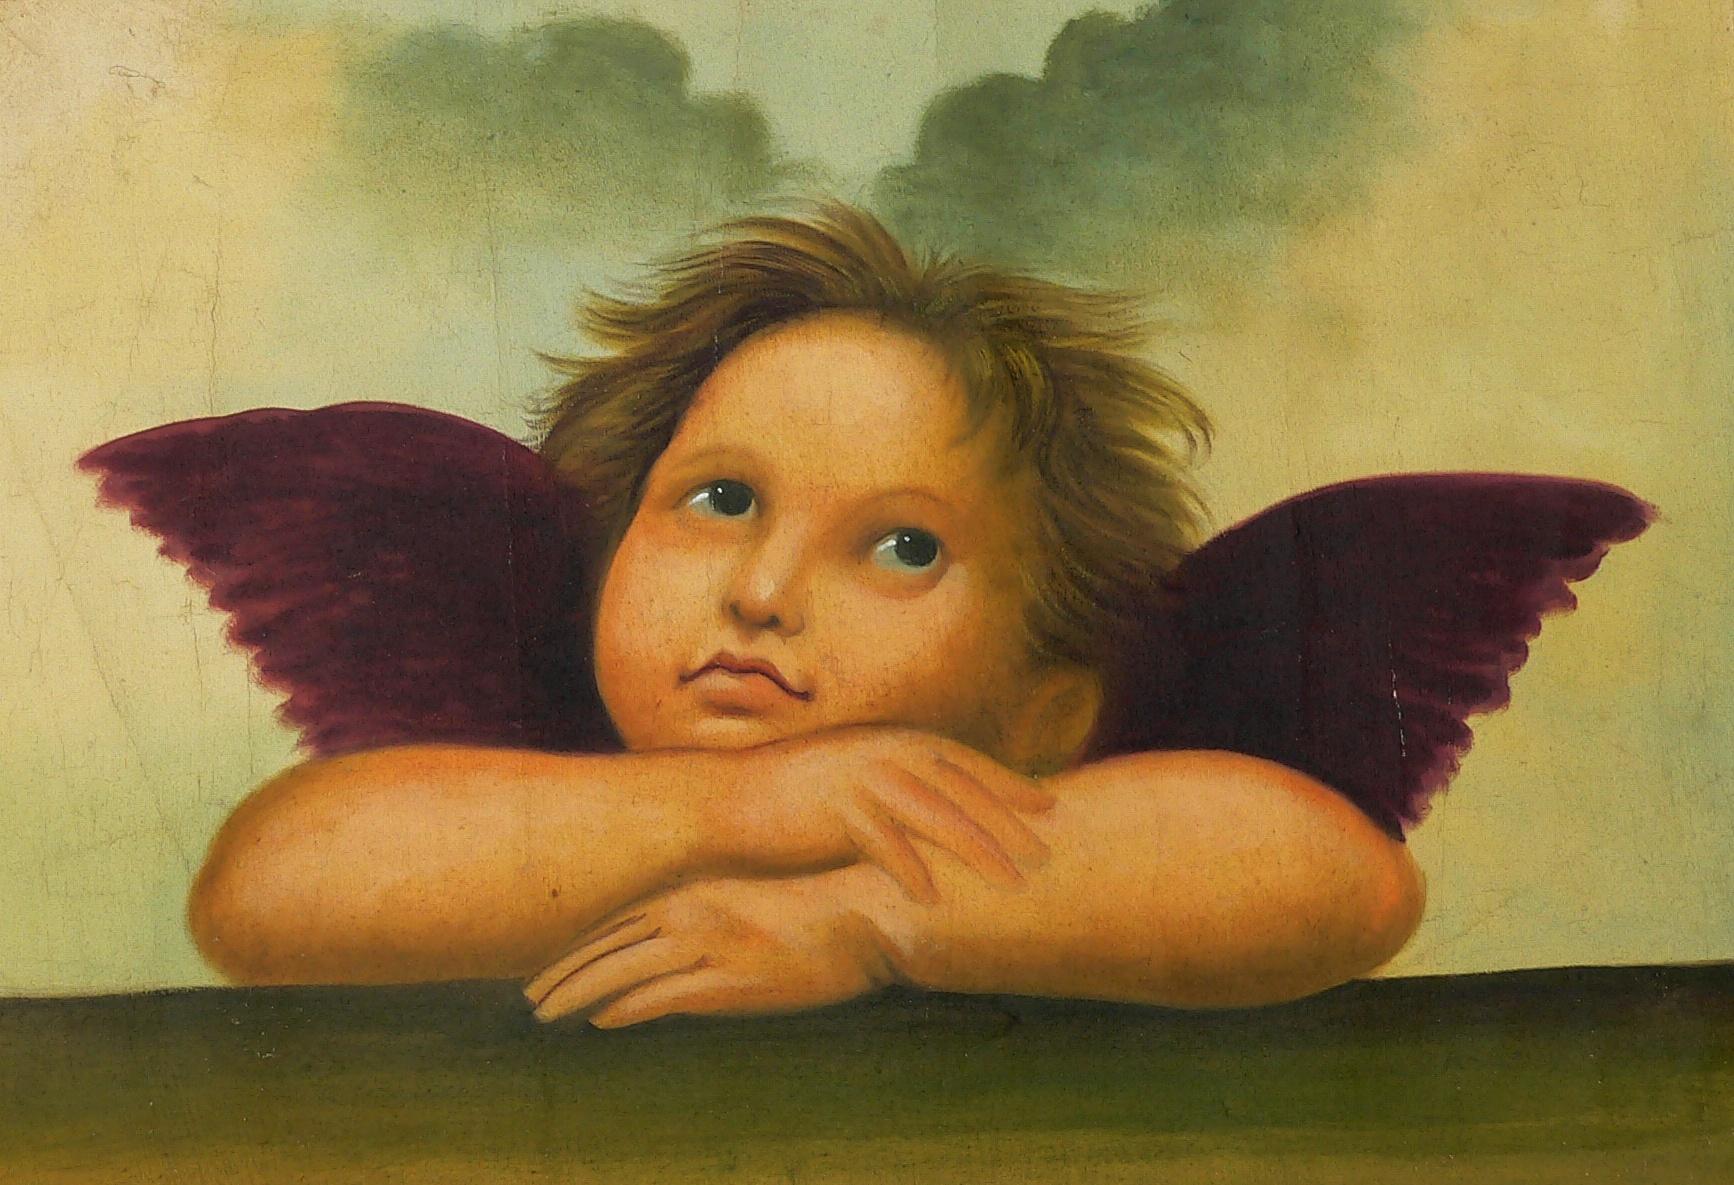 Engel Auf Wolke Schlafend : die engel der sixtinischen madonna in dresden l auf leinwand kunst tut gut blog ~ Bigdaddyawards.com Haus und Dekorationen